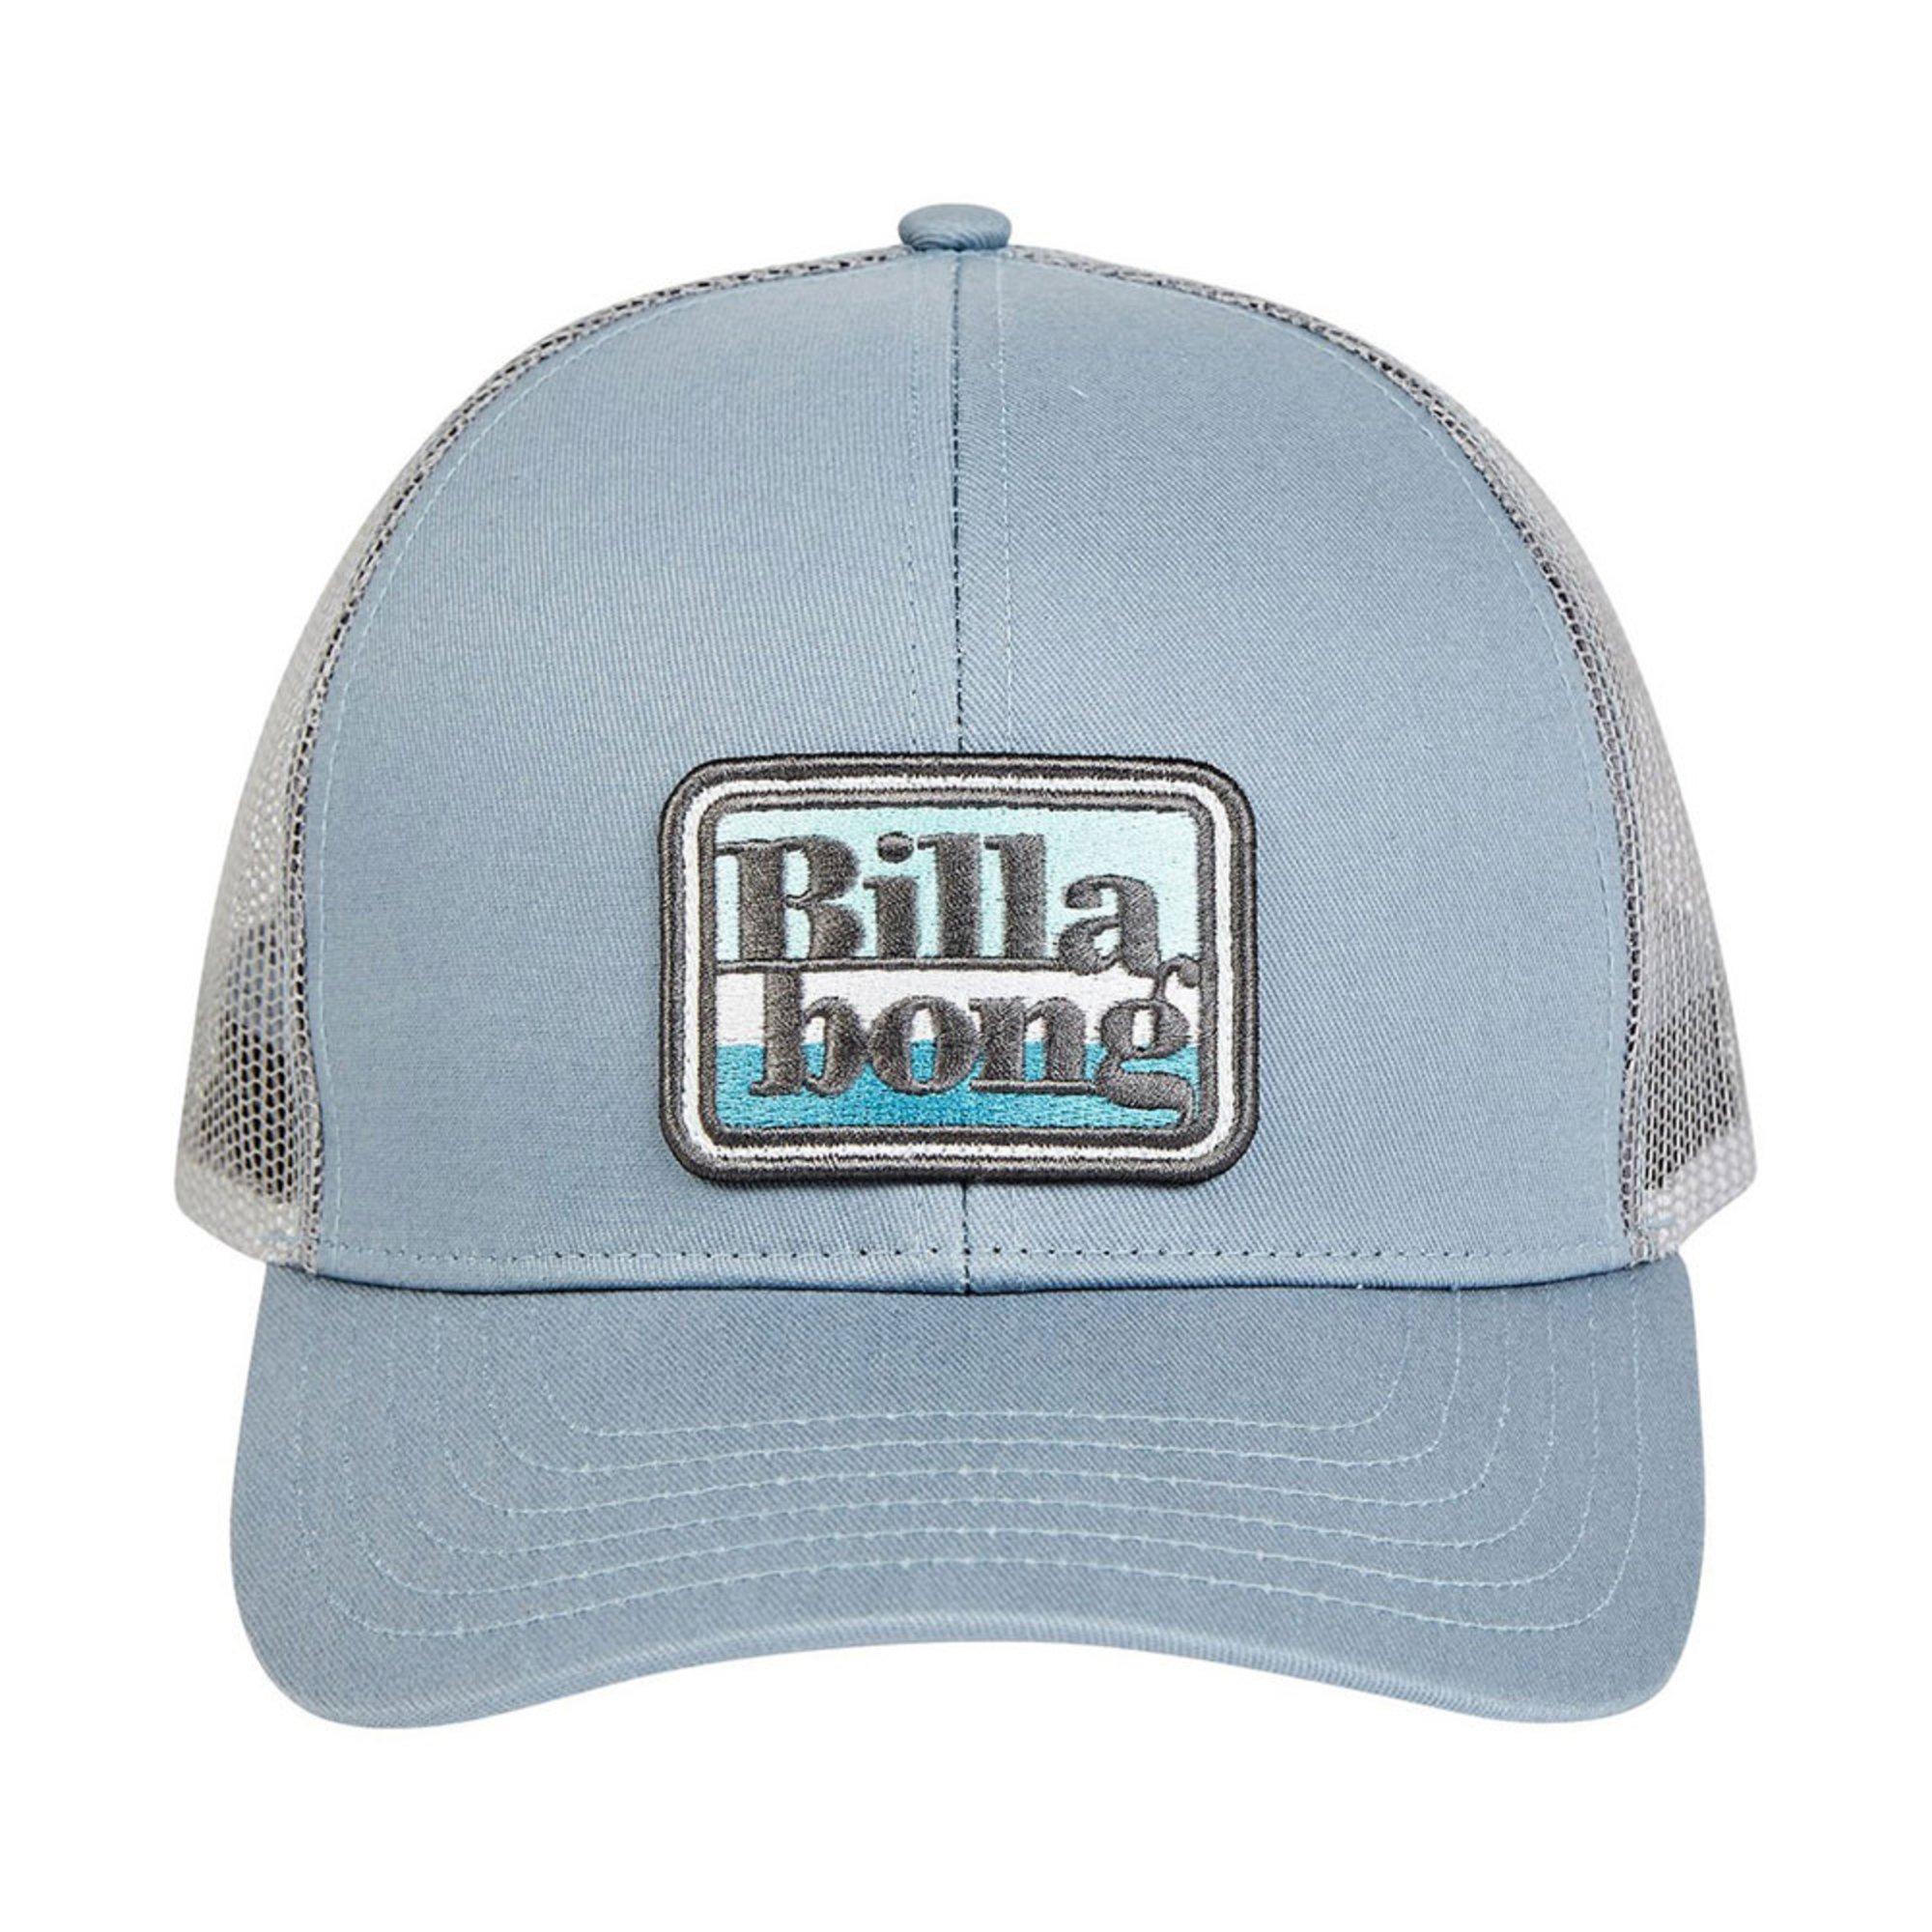 big sale b7e61 01b3c Billabong. Billabong Men s Walled Trucker Baseball Hat